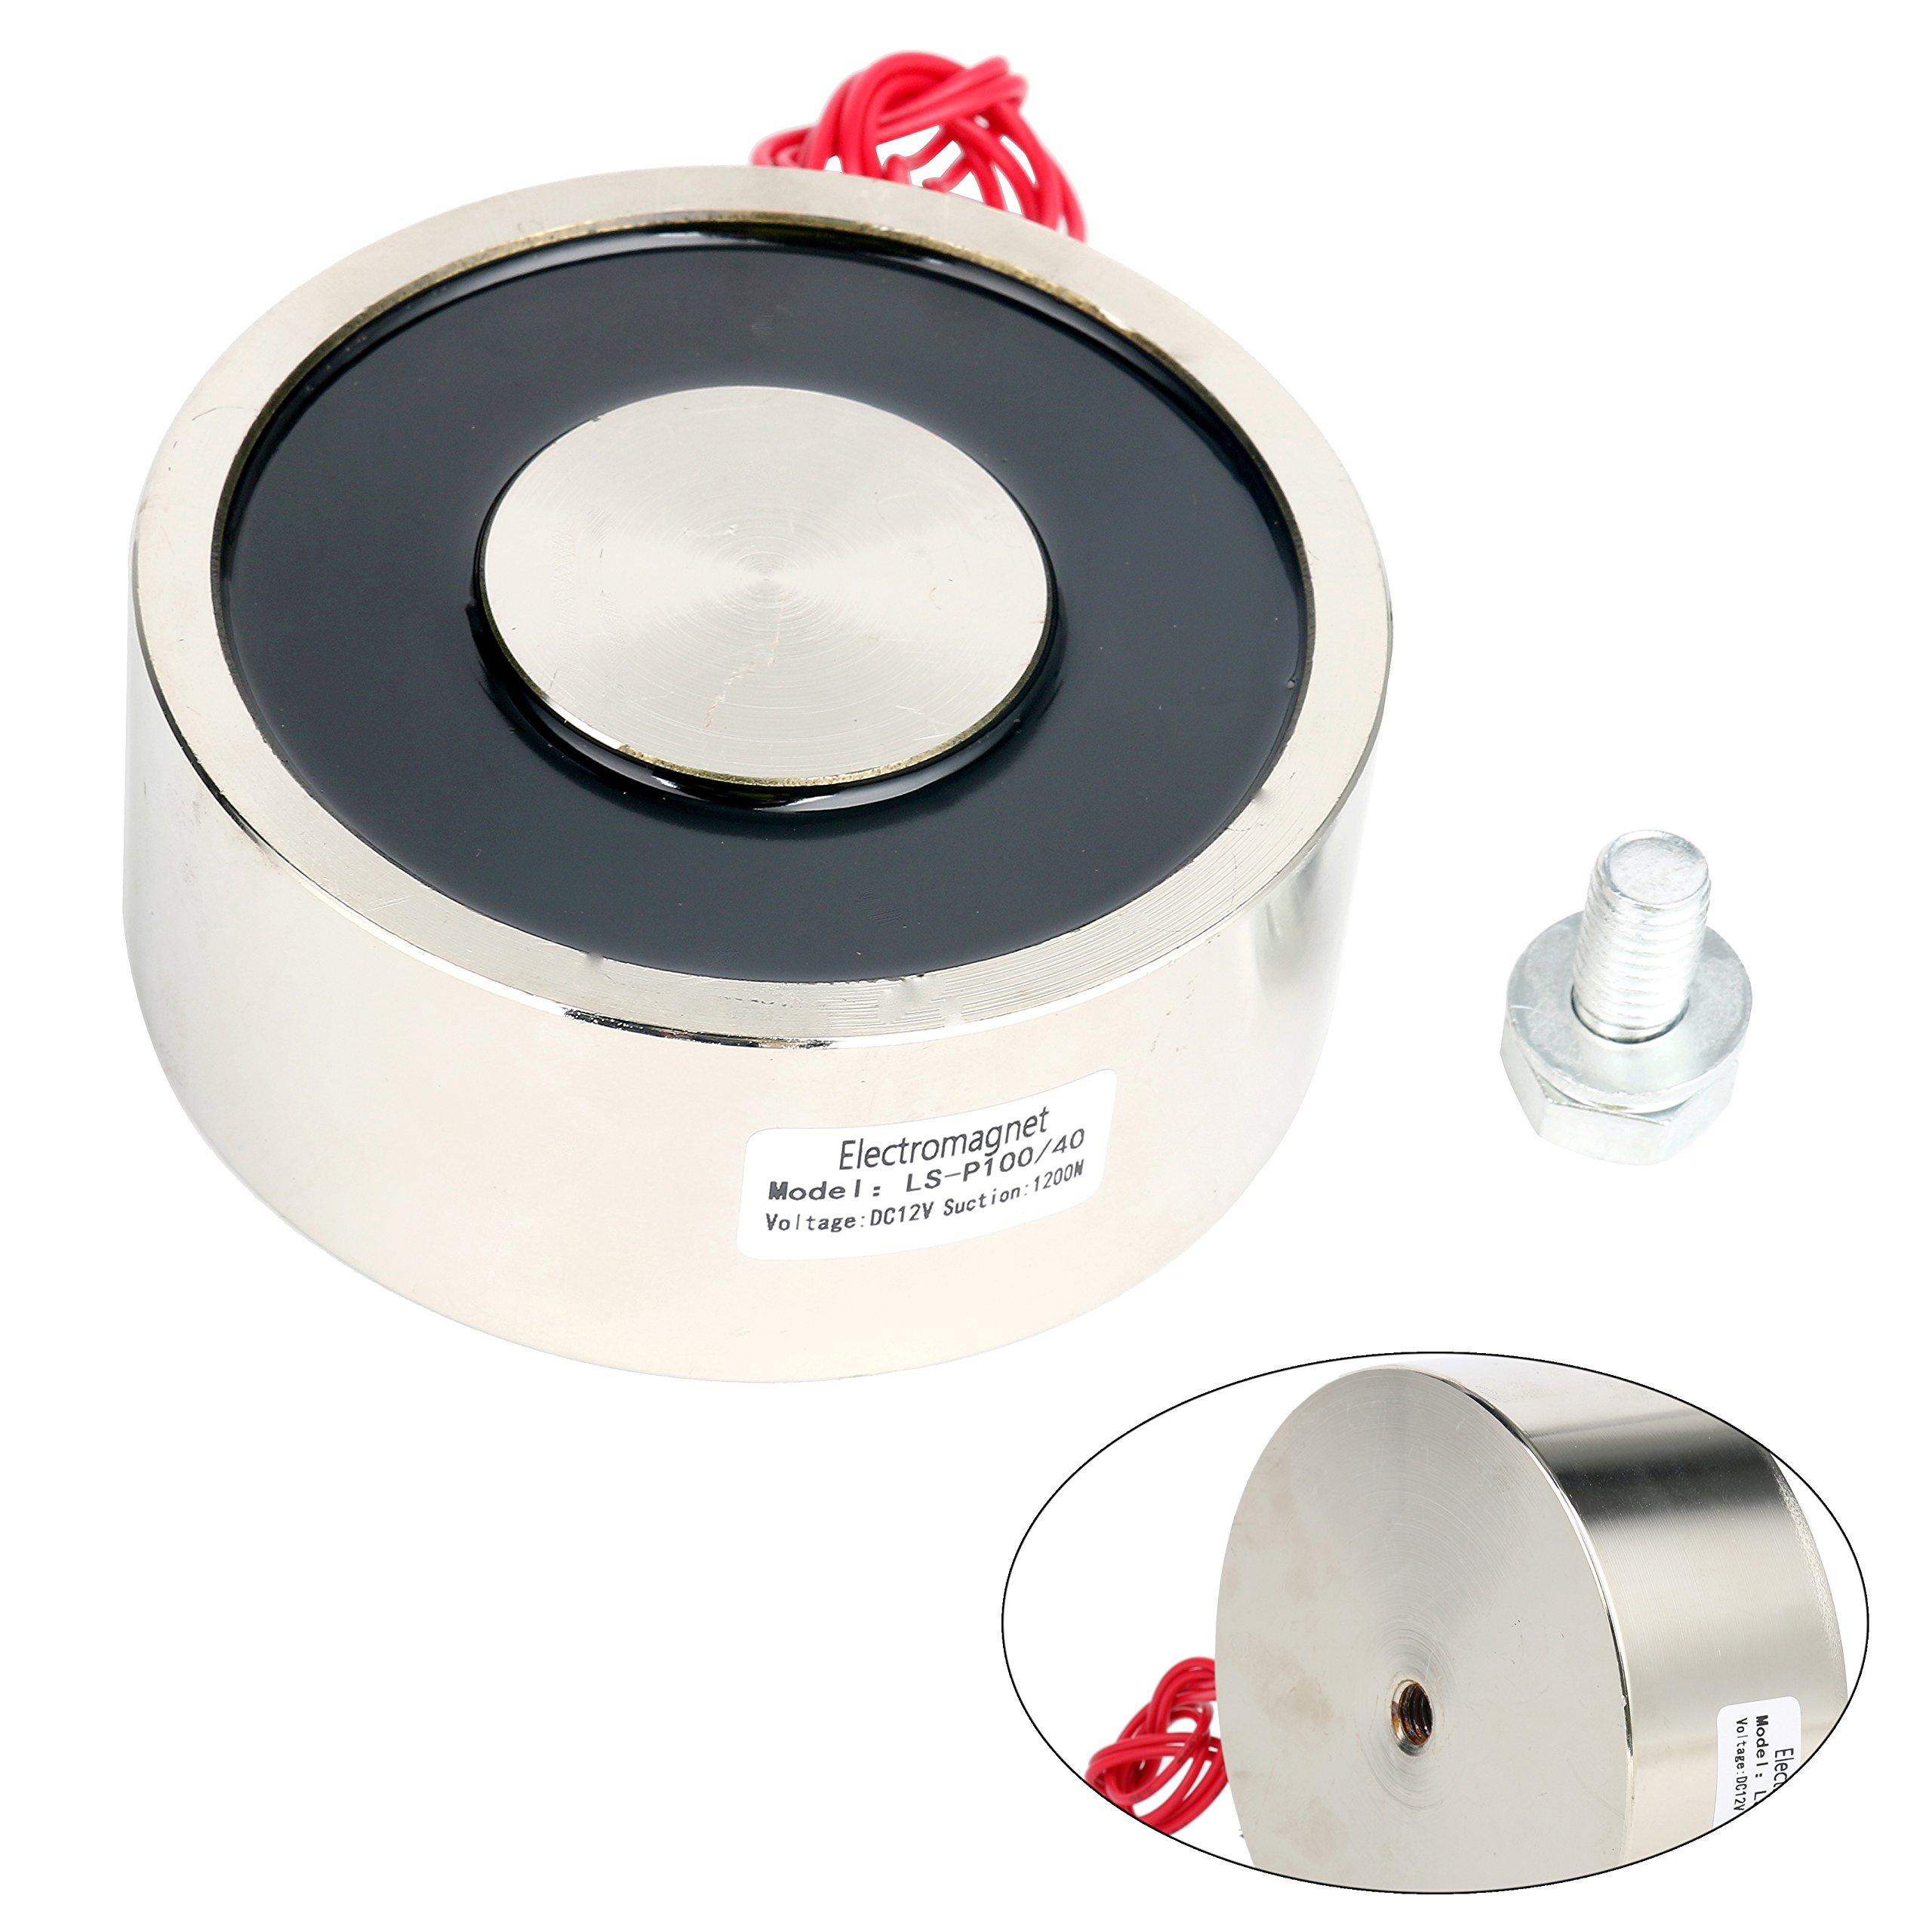 YaeTek Electromagnet - 264.5LB/120kg Force Lifting Magnet Electromagnet Solenoid 100mm 12V